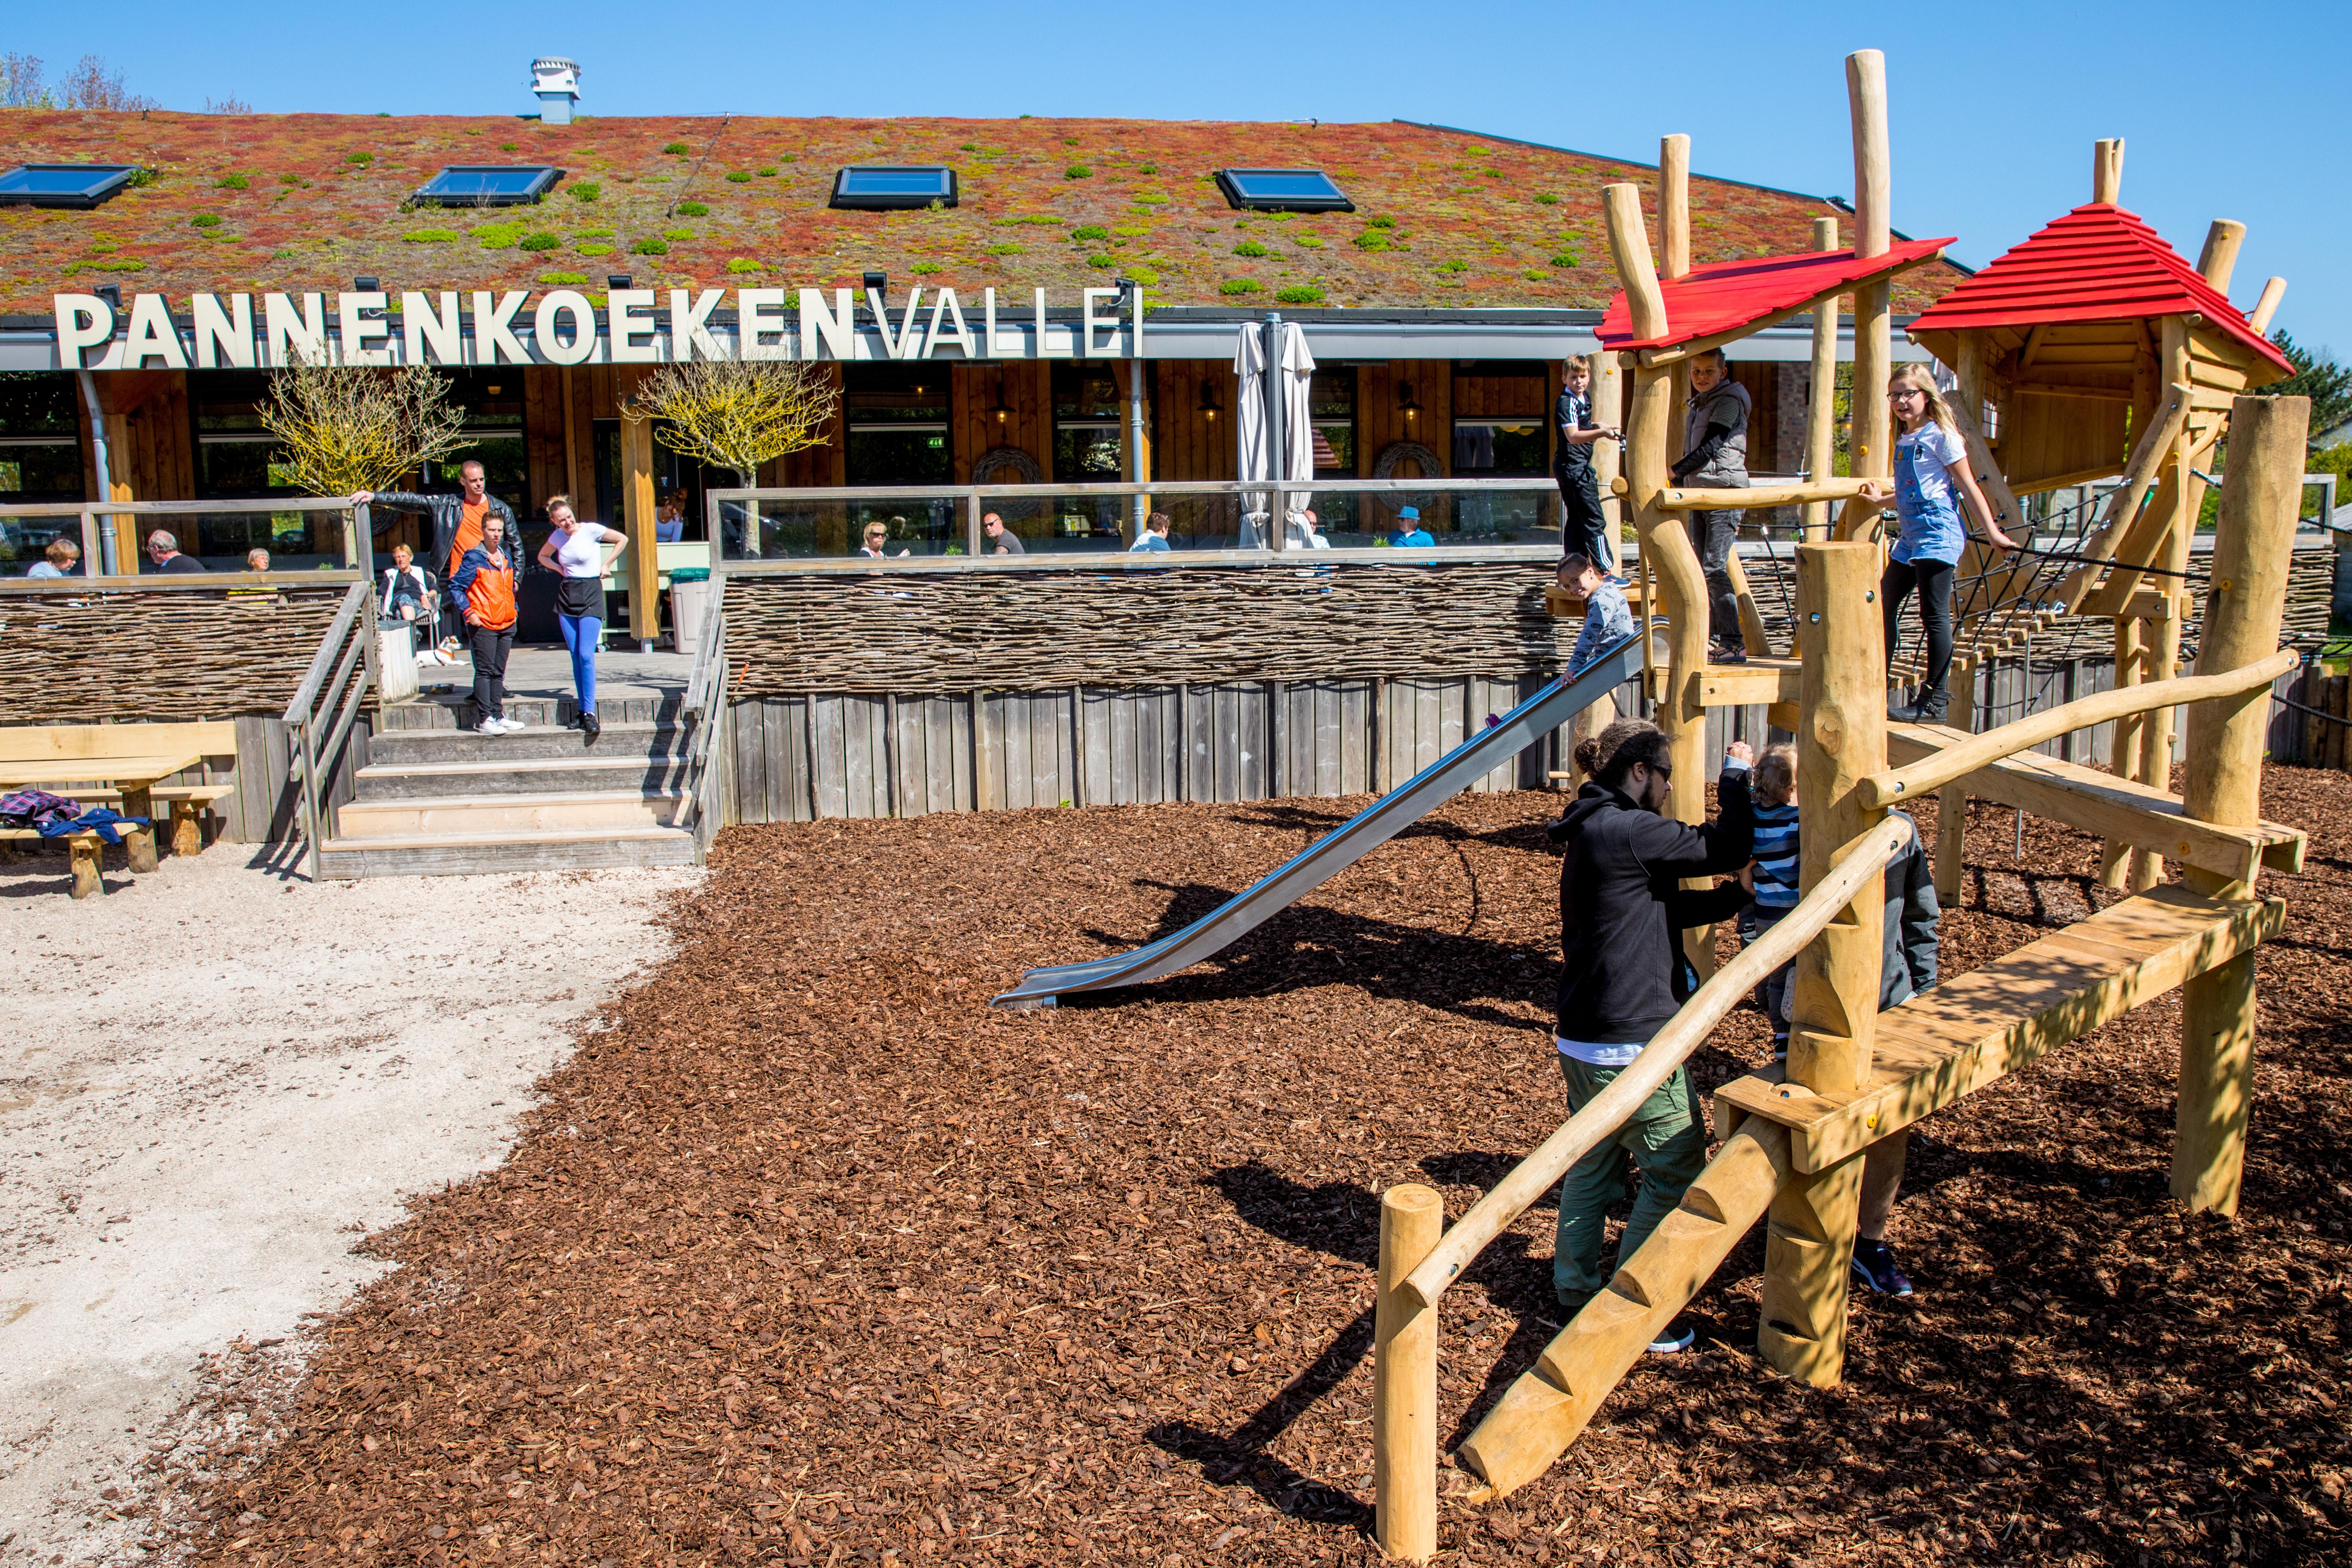 Een uitdagend klimtoestel voor kinderen van 4 tot 12 jaar. (Foto: Vincent de Vries / RM) rodi.nl © rodi